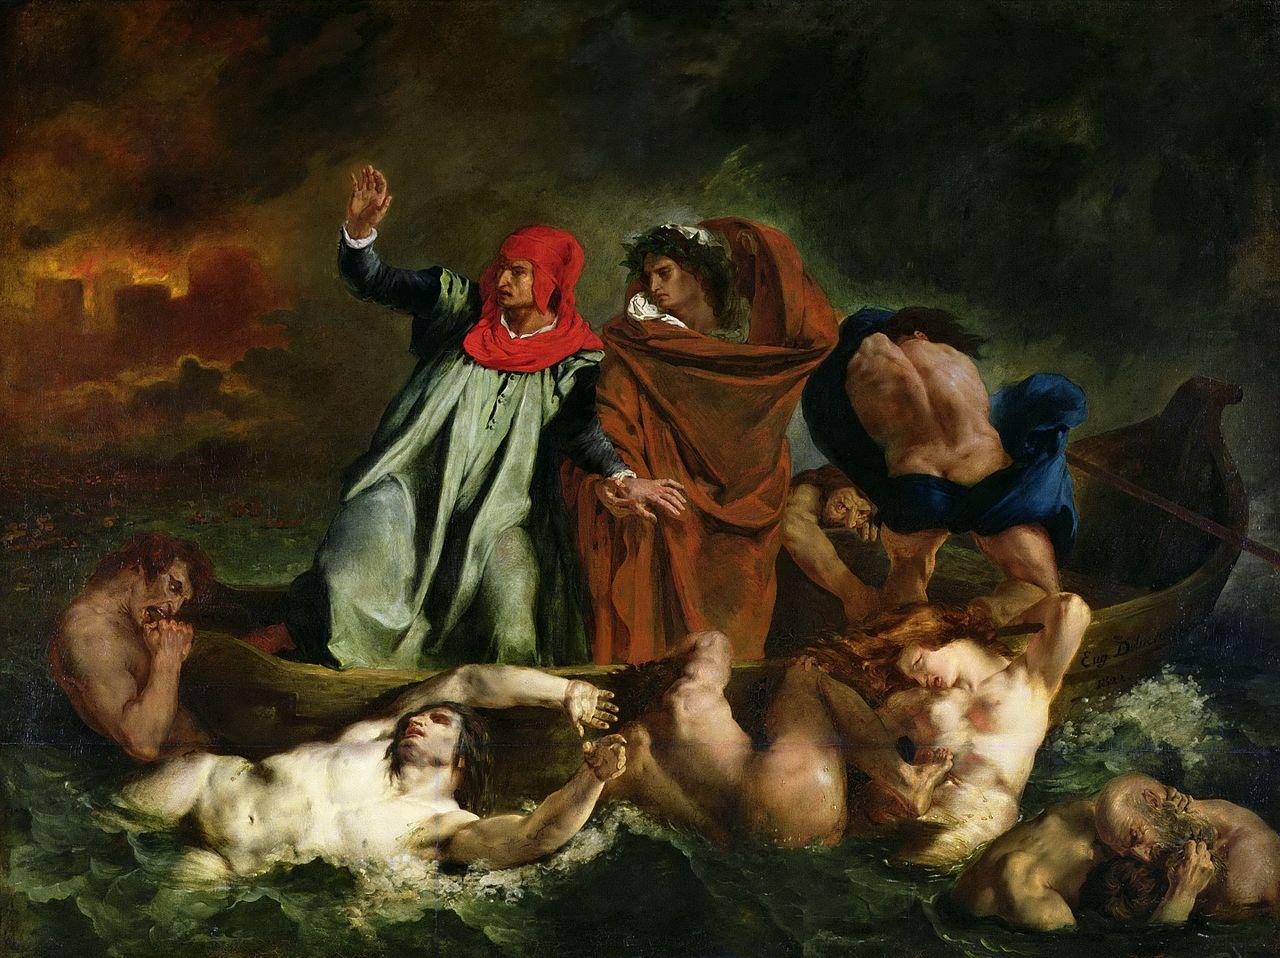 File:Eugène Delacroix - The Barque of Dante jpg - Wikimedia